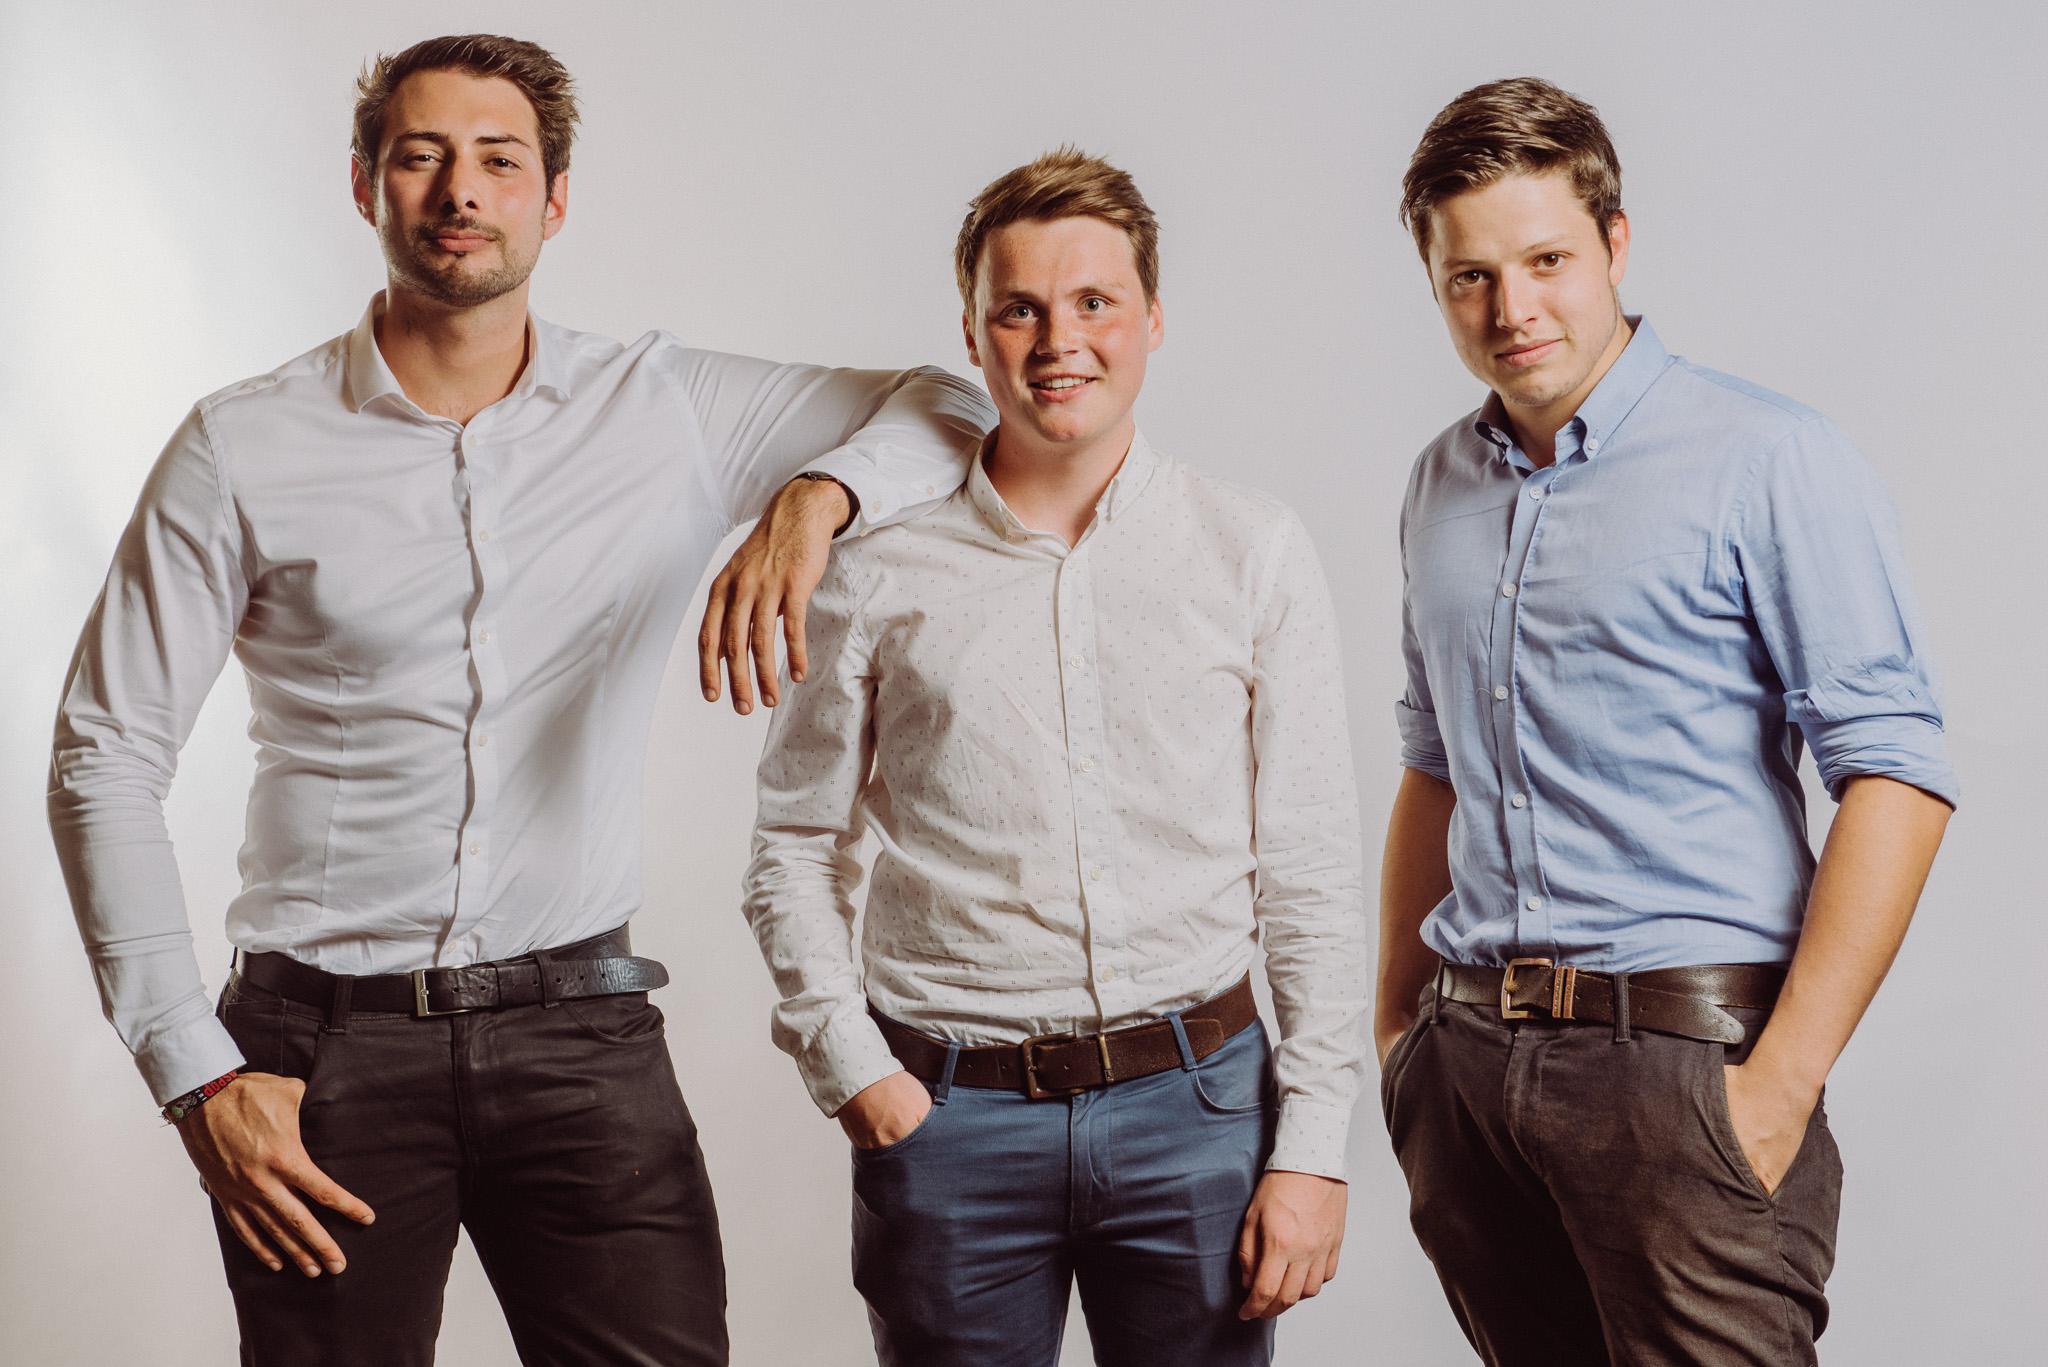 Studaro werd geselecteerd in het acceleratorprogramma van The Birdhouse voor start-ups en scale-ups